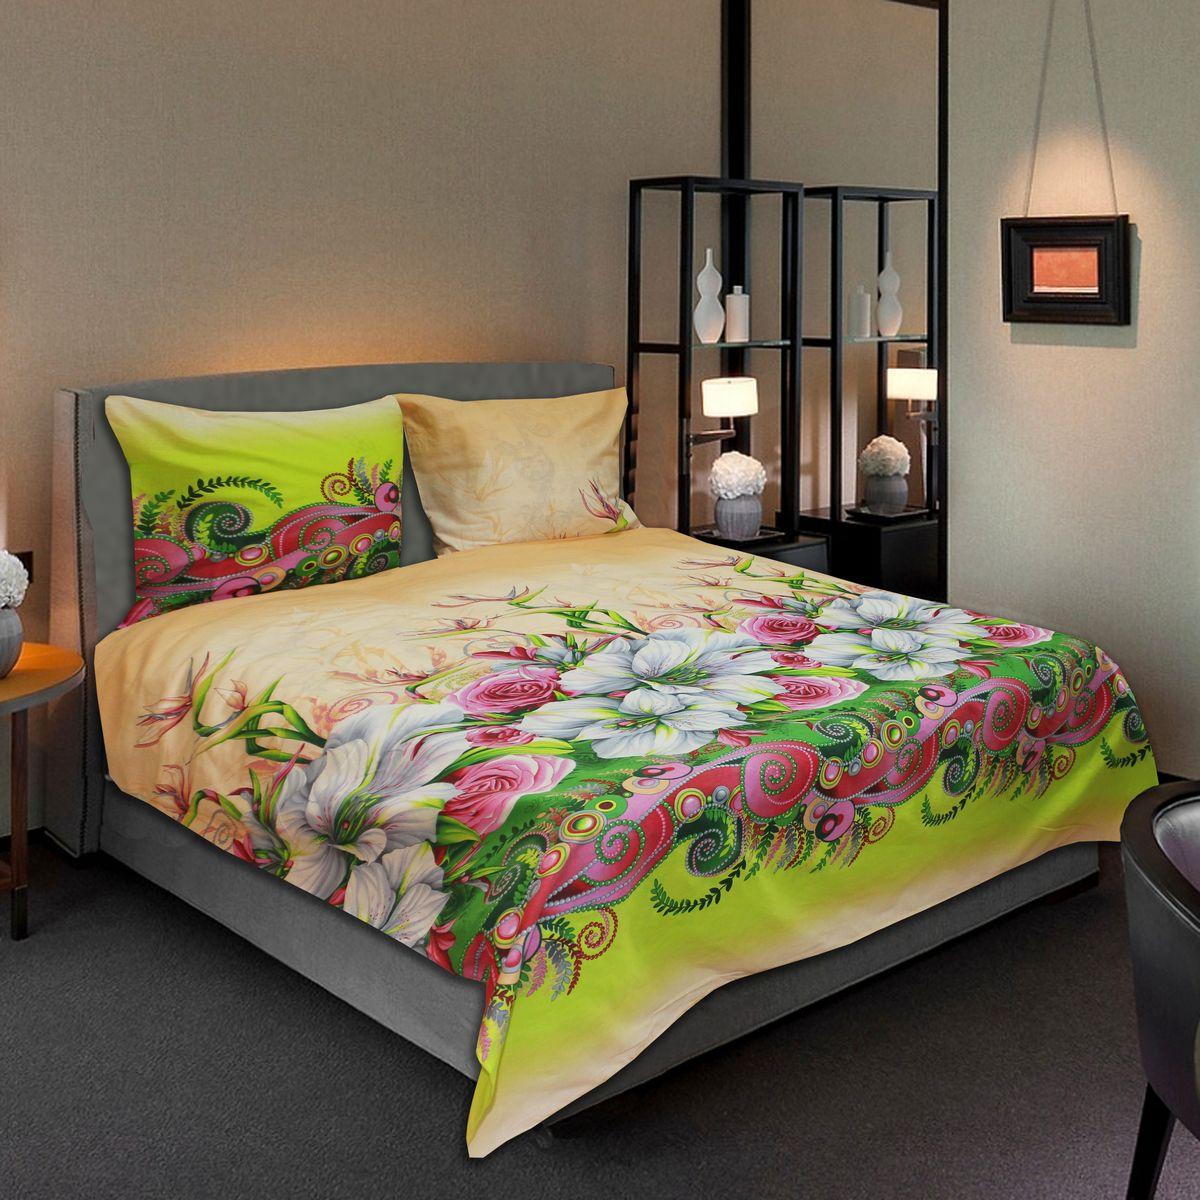 Комплект белья Amore Mio Sweet, 2-спальный, наволочки 70х7077714Комплект постельного белья Amore Mio является экологически безопасным для всей семьи, так как выполнен из бязи (100% хлопок). Комплект состоит из пододеяльника, простыни и двух наволочек. Постельное белье оформлено оригинальным рисунком и имеет изысканный внешний вид. Легкая, плотная, мягкая ткань отлично стирается, гладится, быстро сохнет. Рекомендации по уходу: Химчистка и отбеливание запрещены. Рекомендуется стирка в прохладной воде при температуре не выше 30°С.